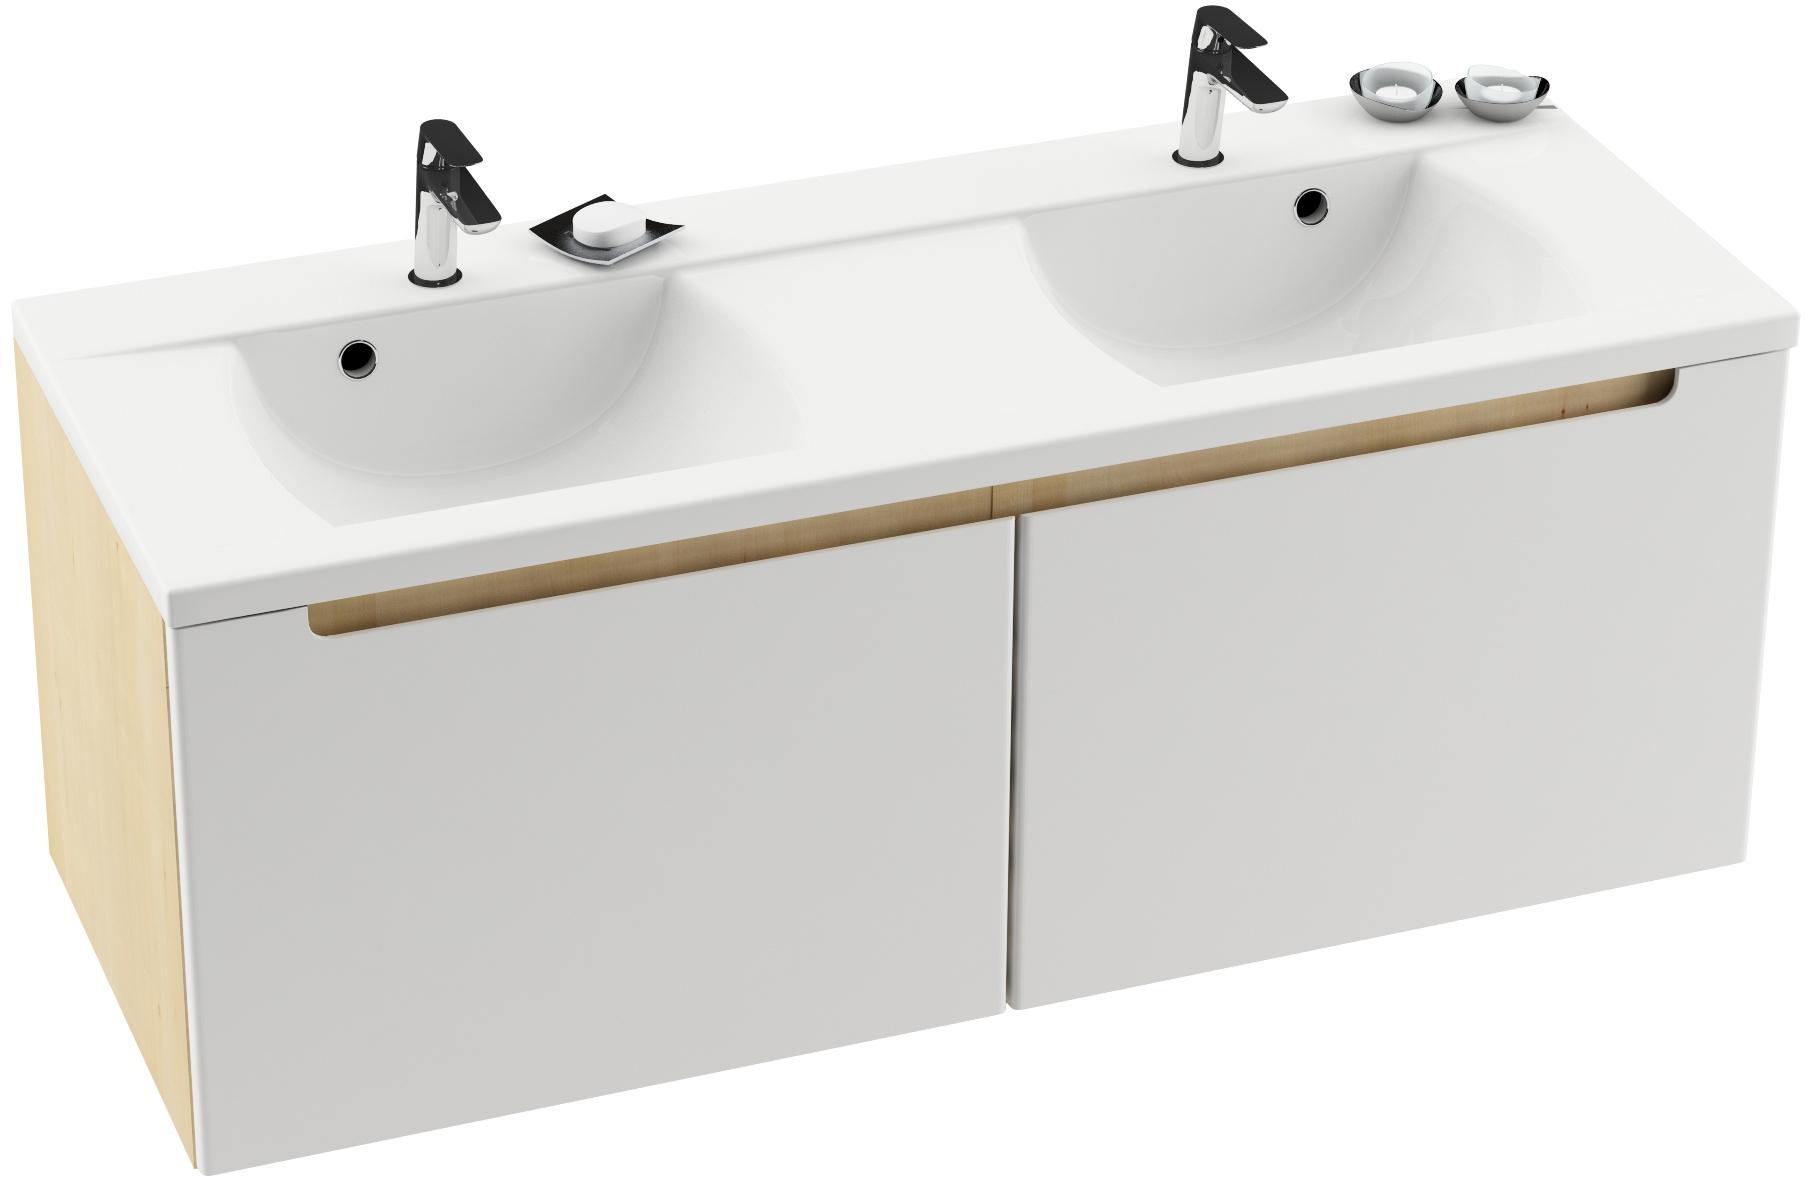 A nagy családosok számára elengedhetetlen dupla mosdó is szerepel Classic kivitelben, amely nagyon praktikus alapdarab a fürdőszobában.